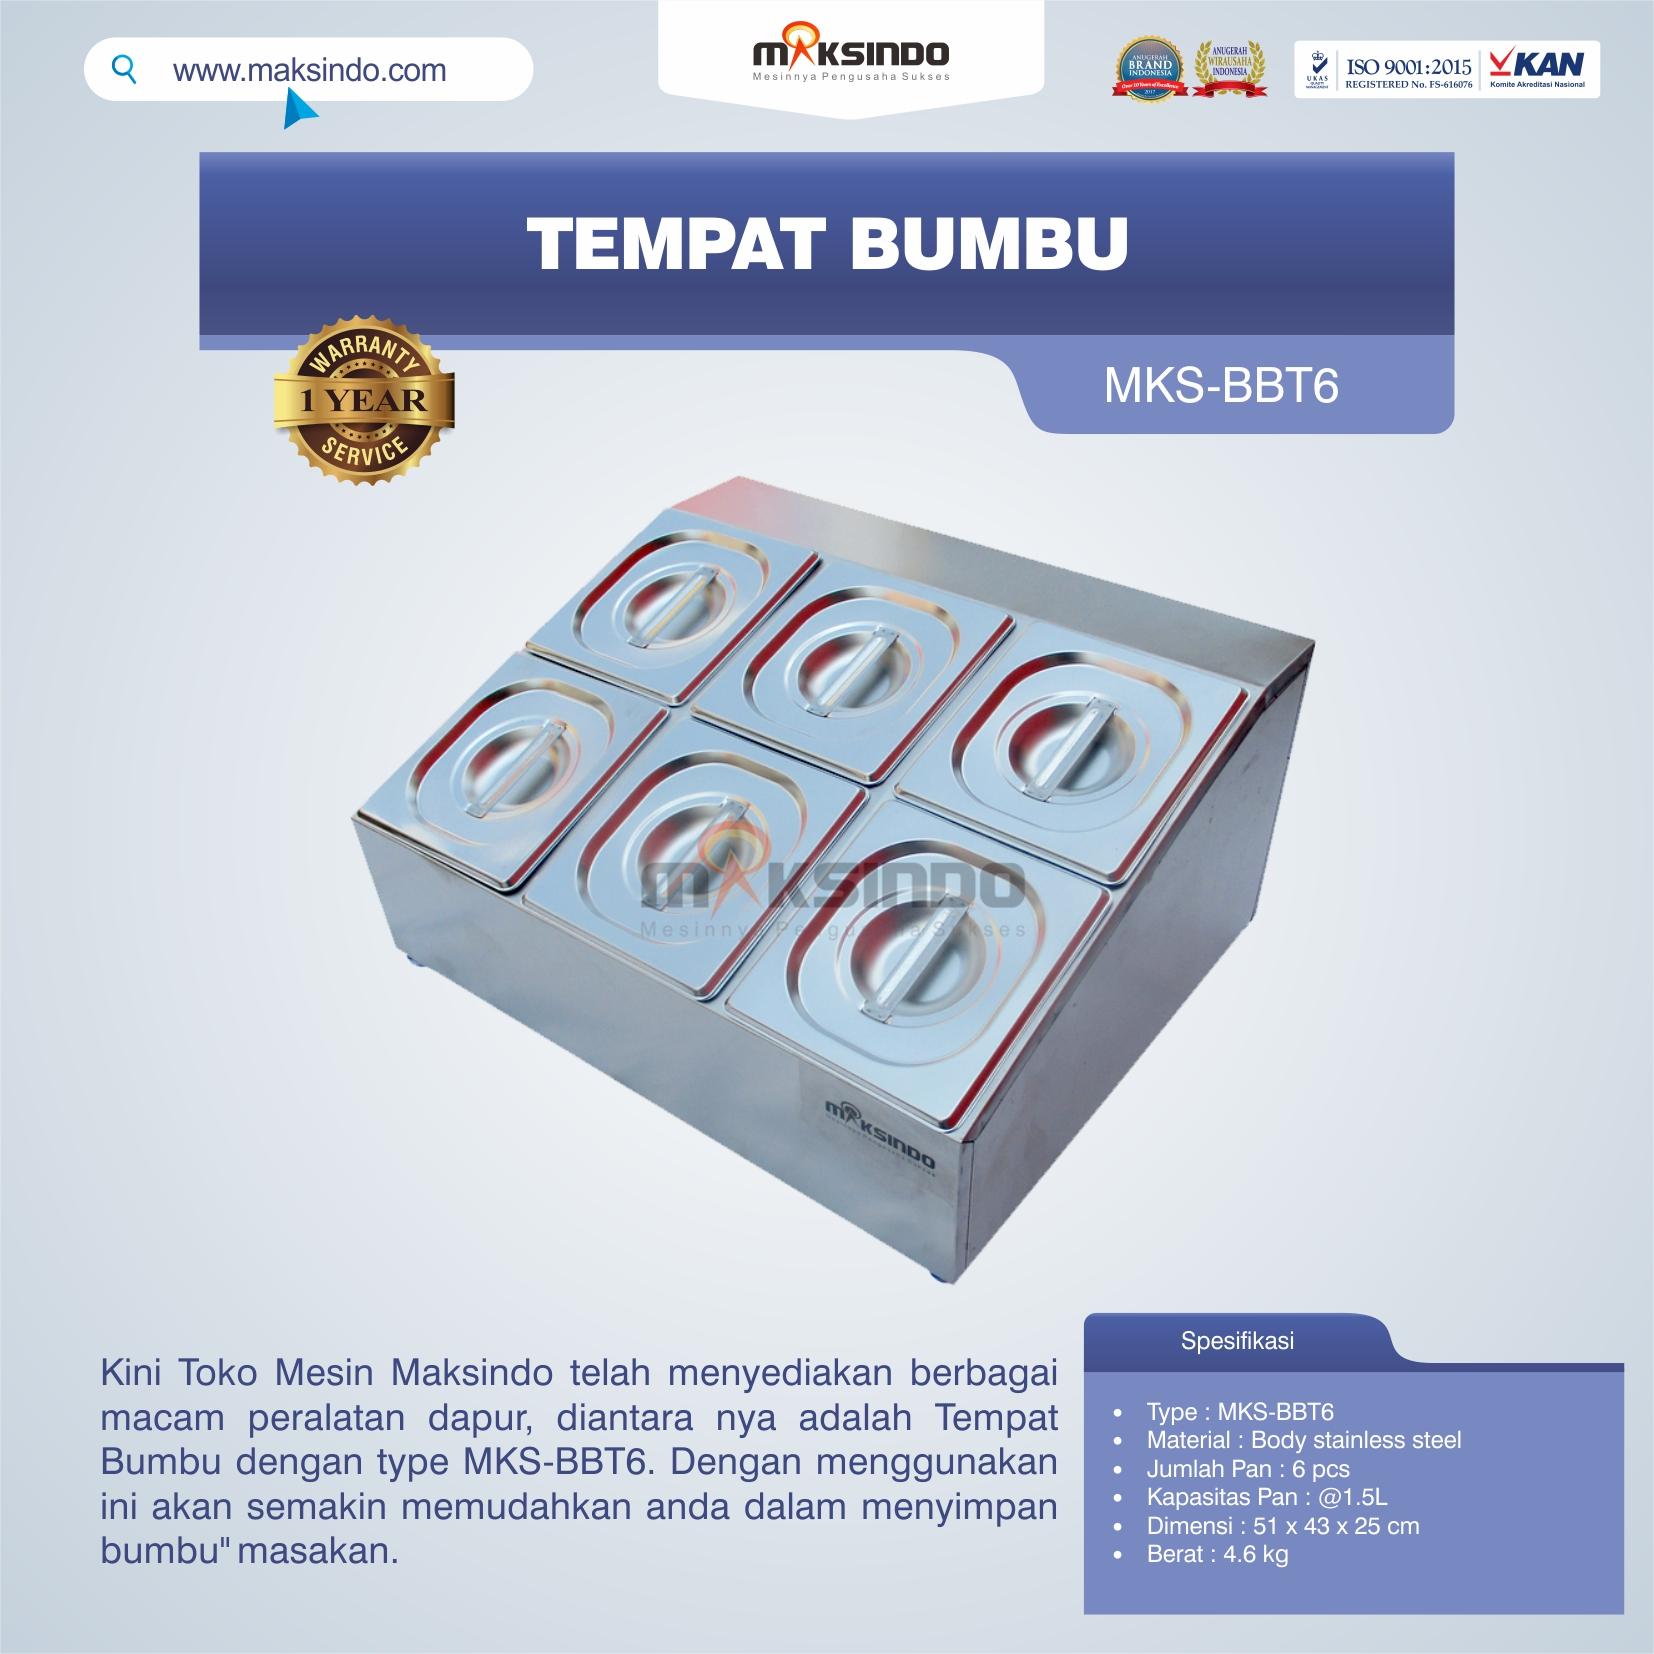 Jual Tempat Bumbu MKS-BBT6 di Pekanbaru